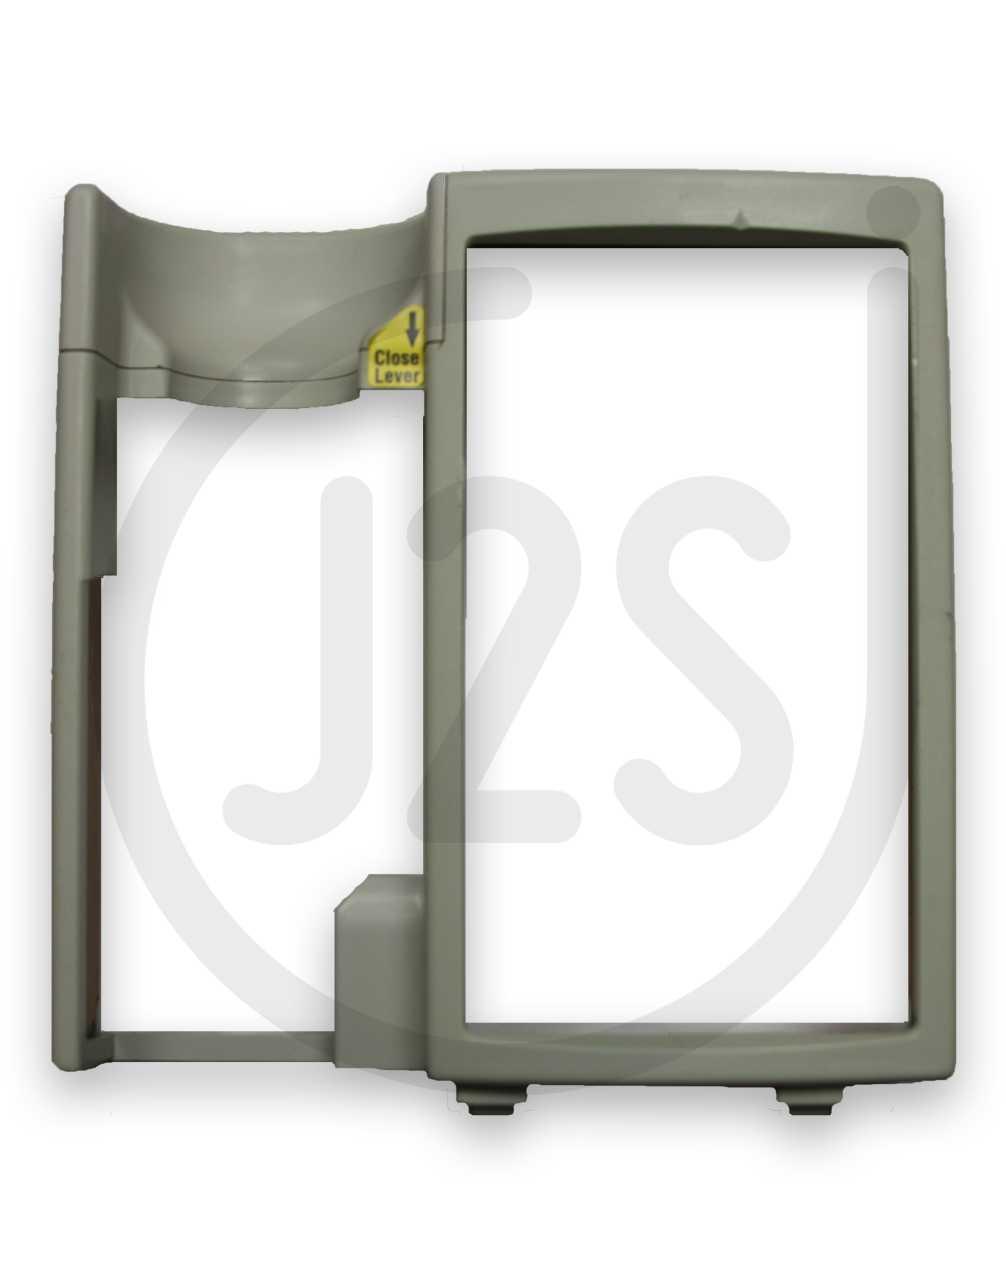 Plum A+ Front Case Image